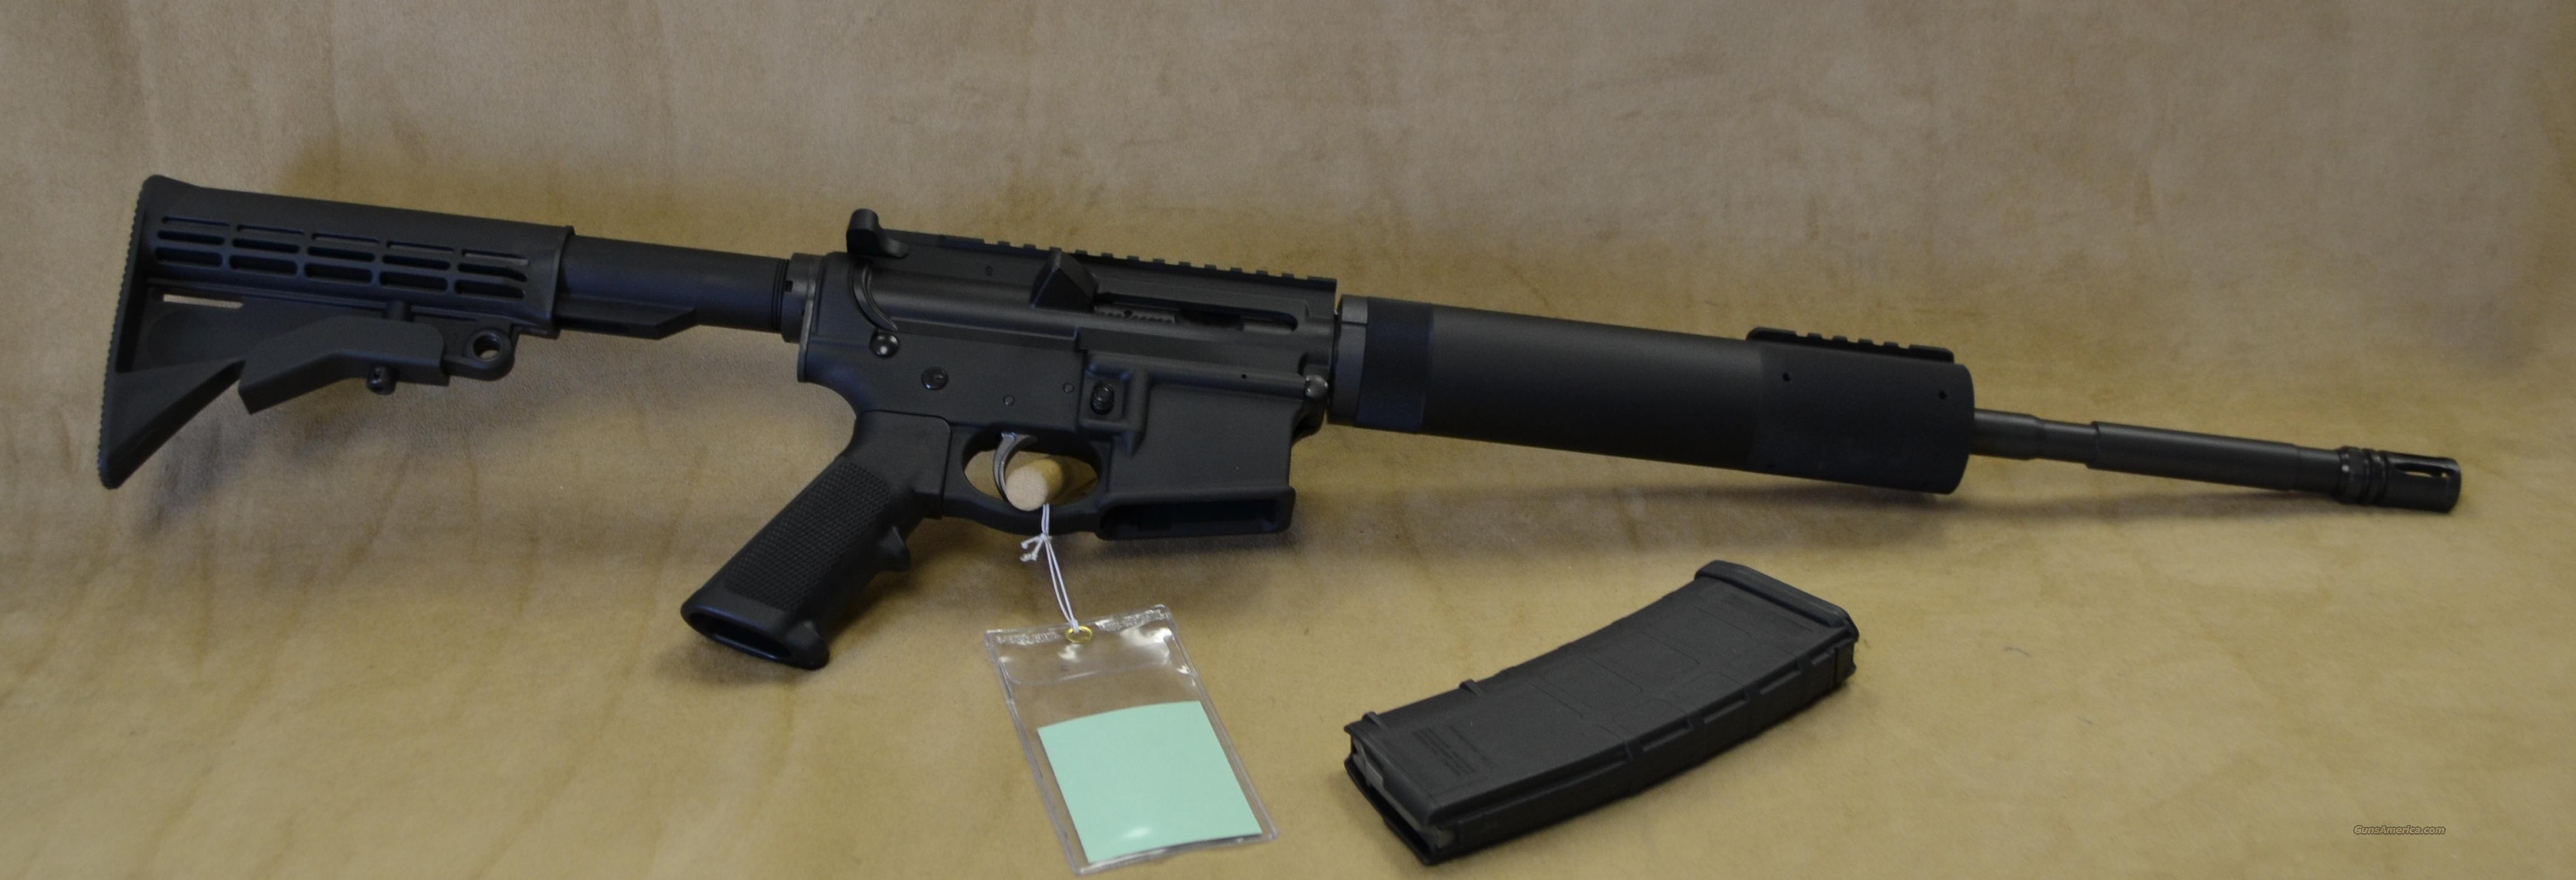 Le6900 Colt Ar 15 Carbine 223 Rem556mm For Sale